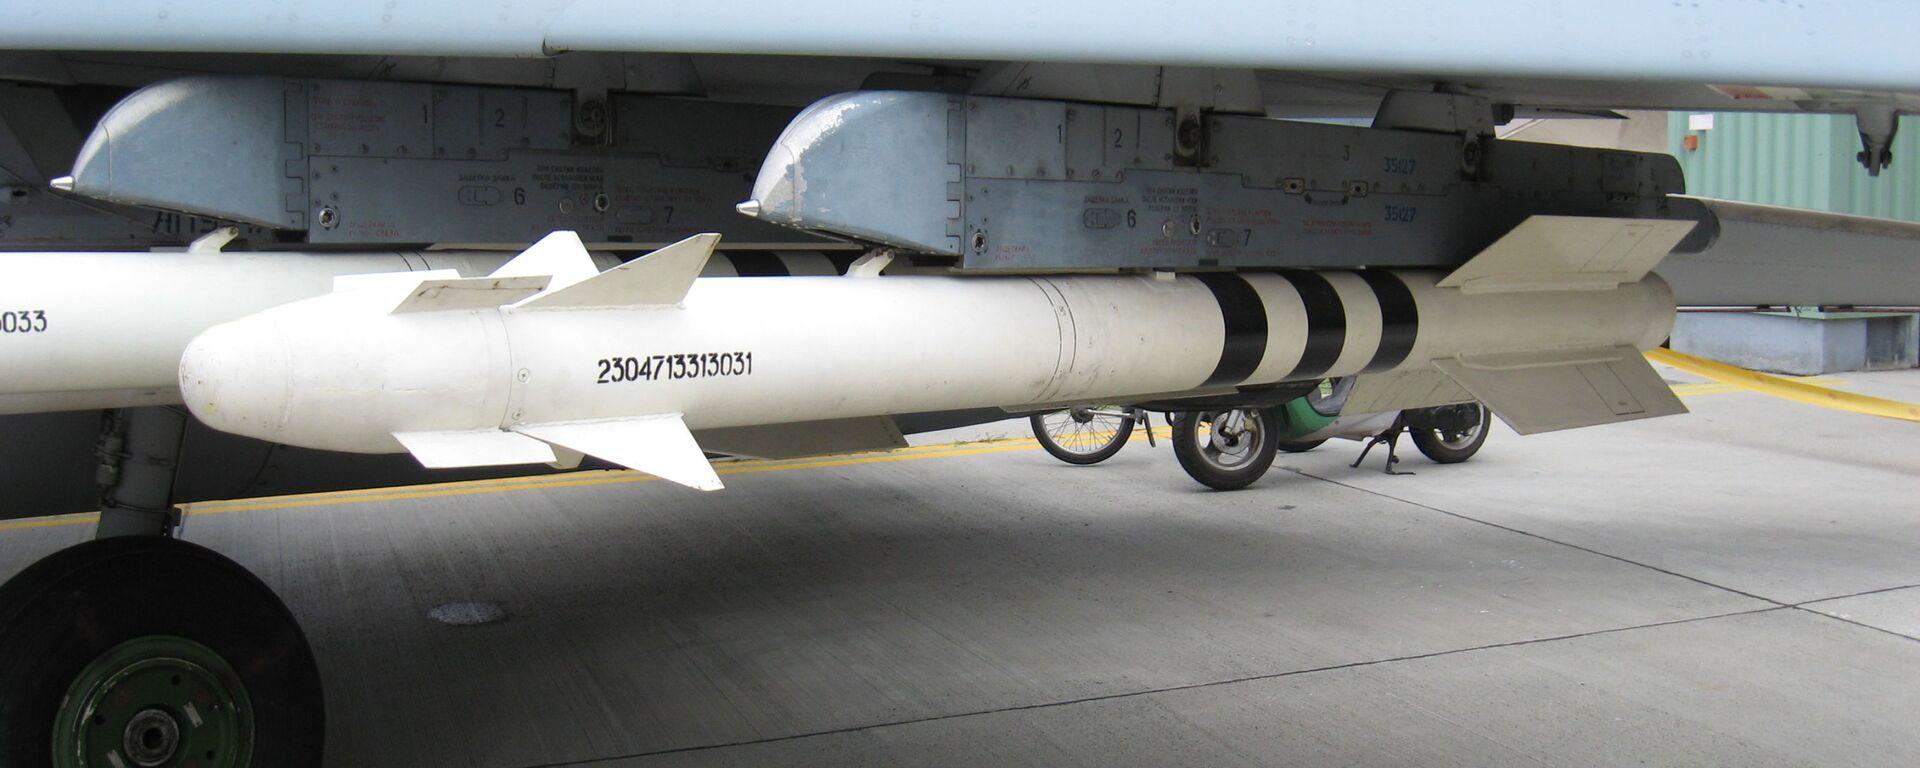 Misil aire-aire R-73 de entrenamiento sospendido bajo el ala de un MiG-29 - Sputnik Mundo, 1920, 25.07.2020